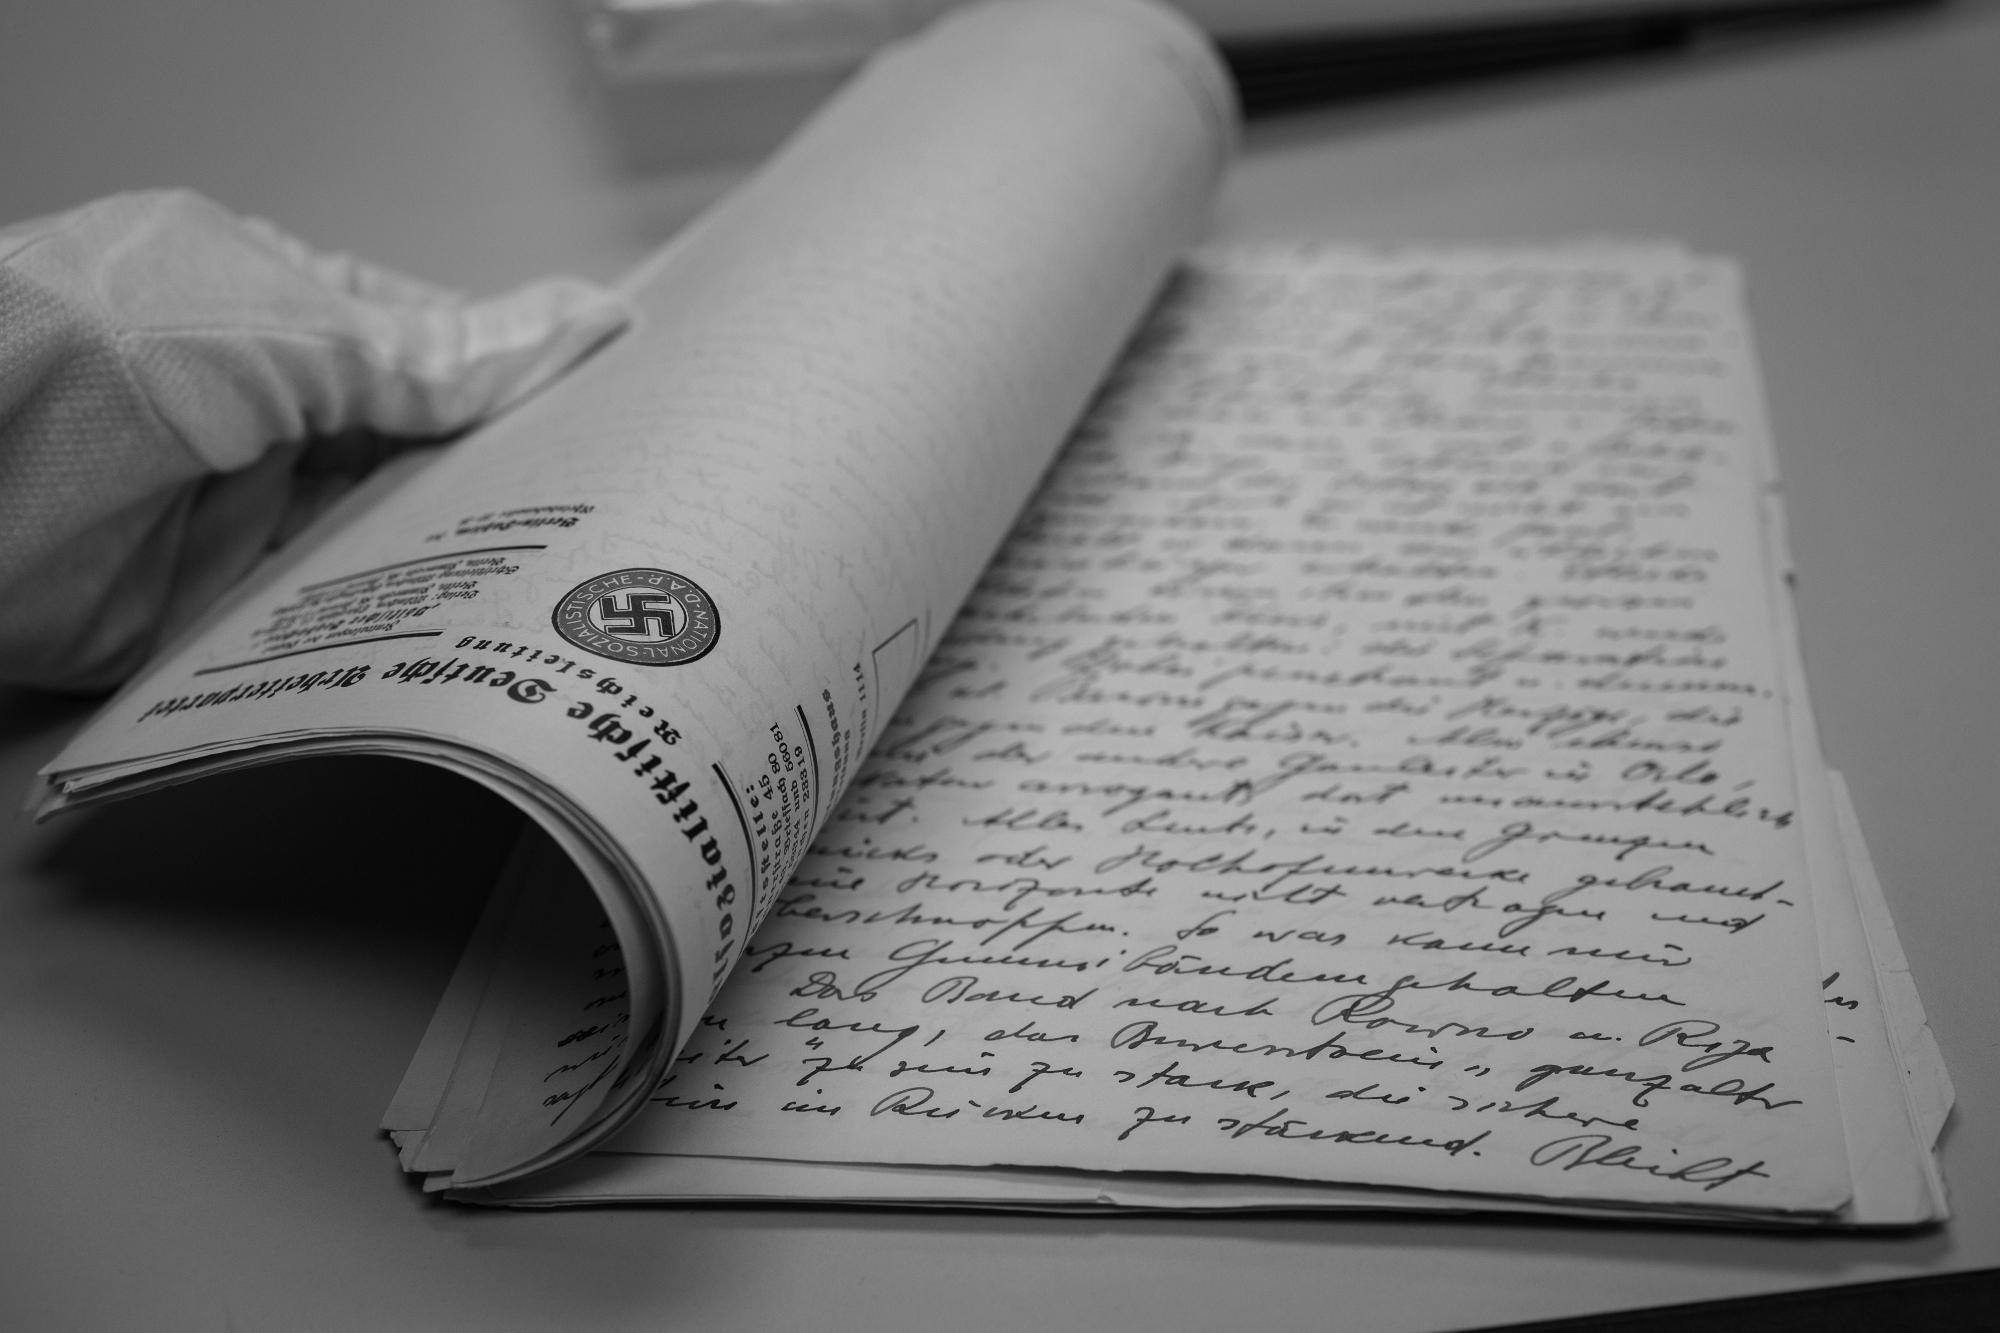 Rękopis dziennika Rosenberga obejmującego okres dziesięciu lat i zajmującego pięćset stron (fot. U.S. Holocaust Memorial Museum; zdjęcie opublikowane za zgodą Miriam Lomaskin)